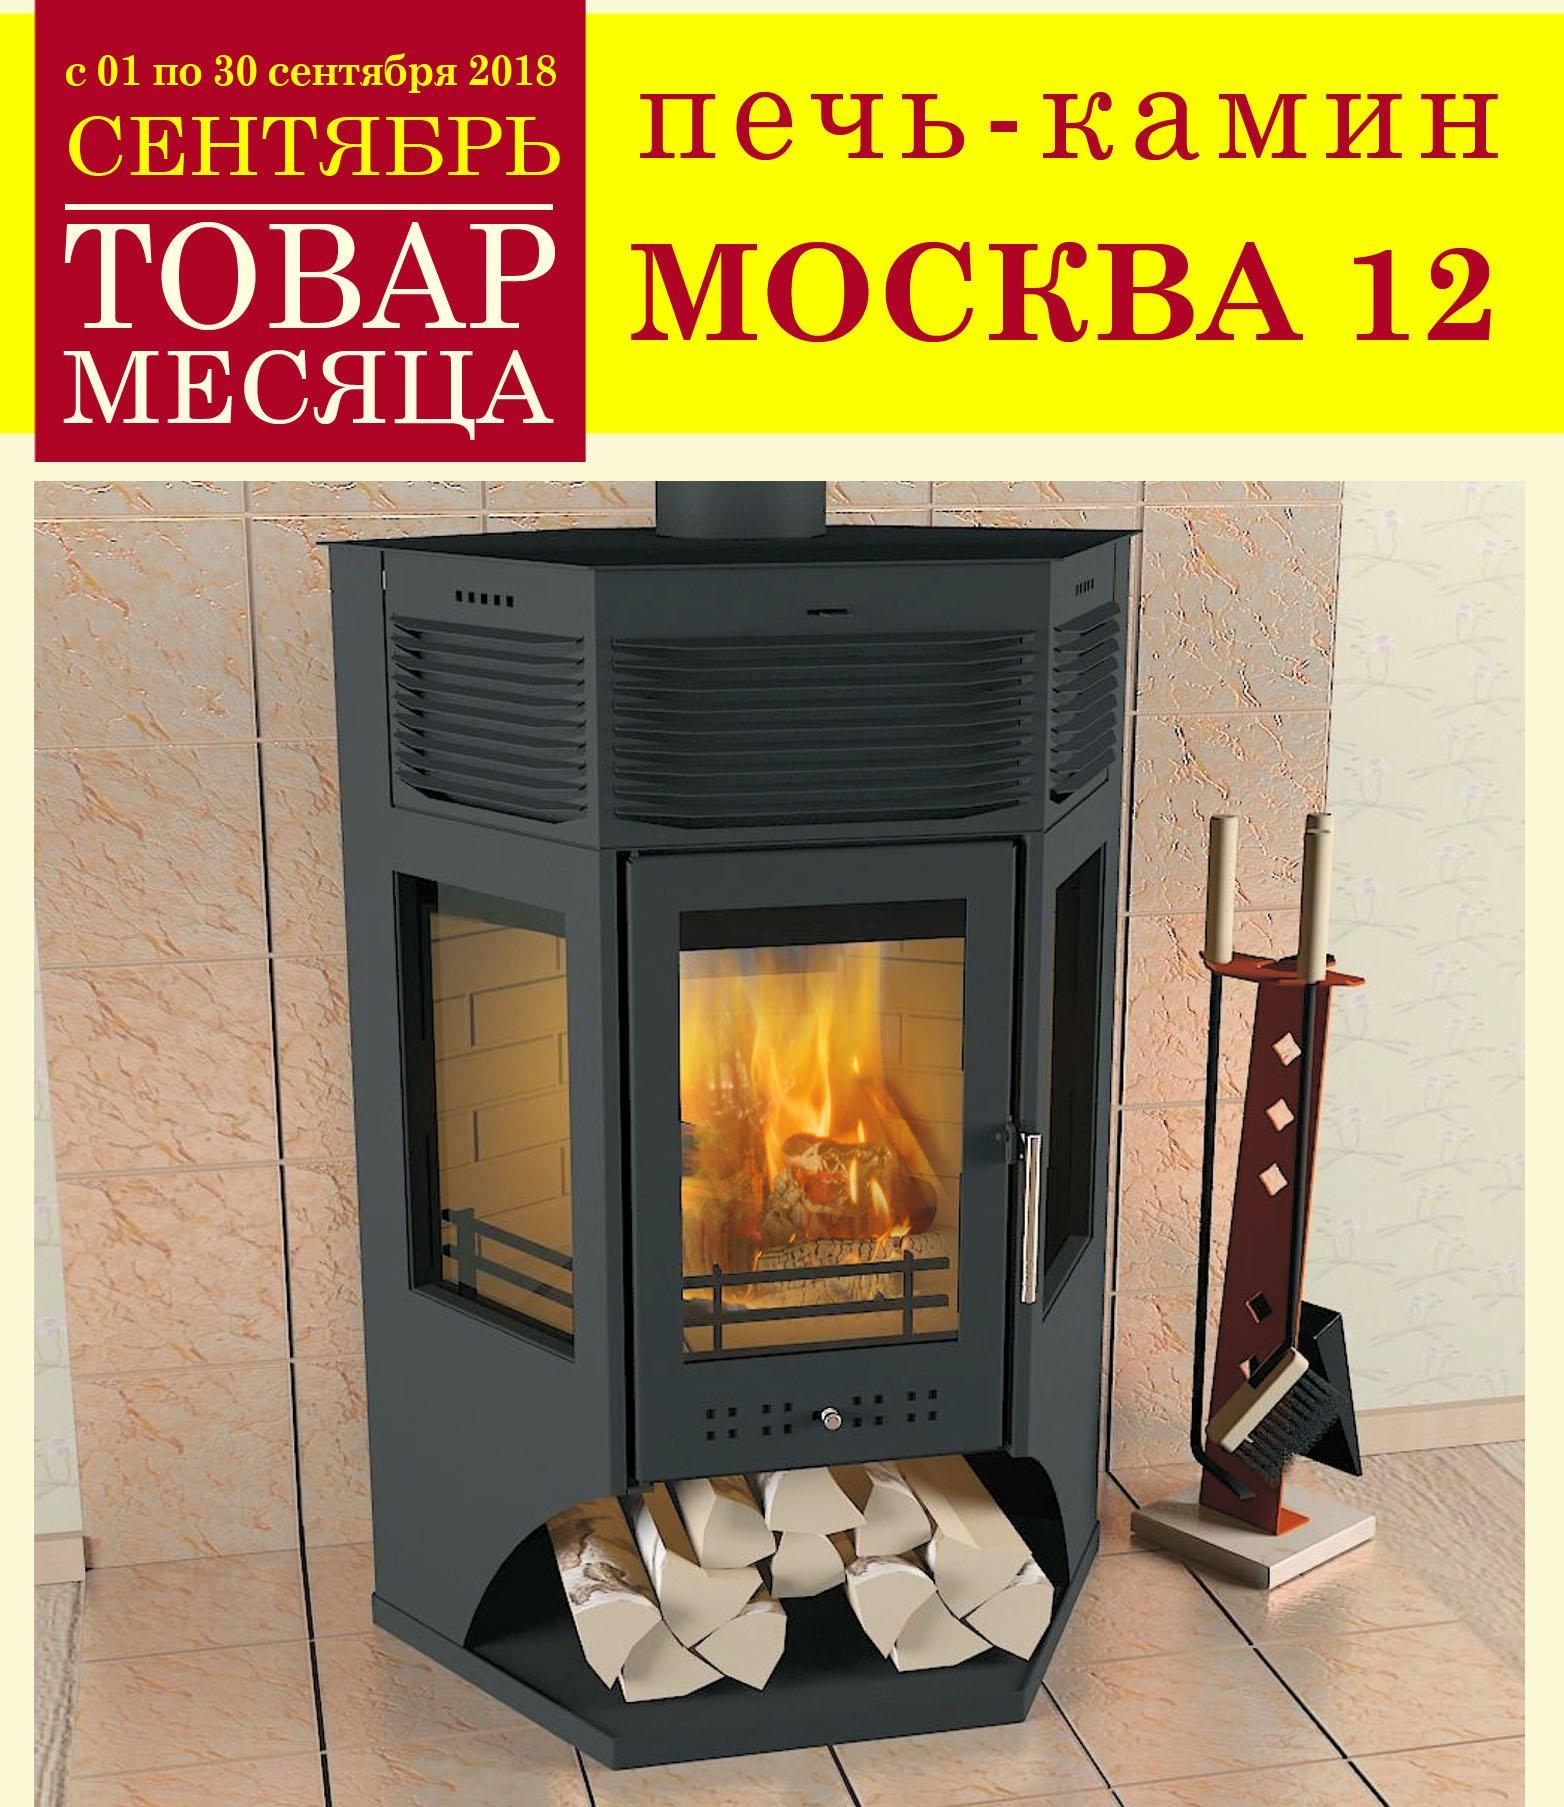 Москва 12 Акция